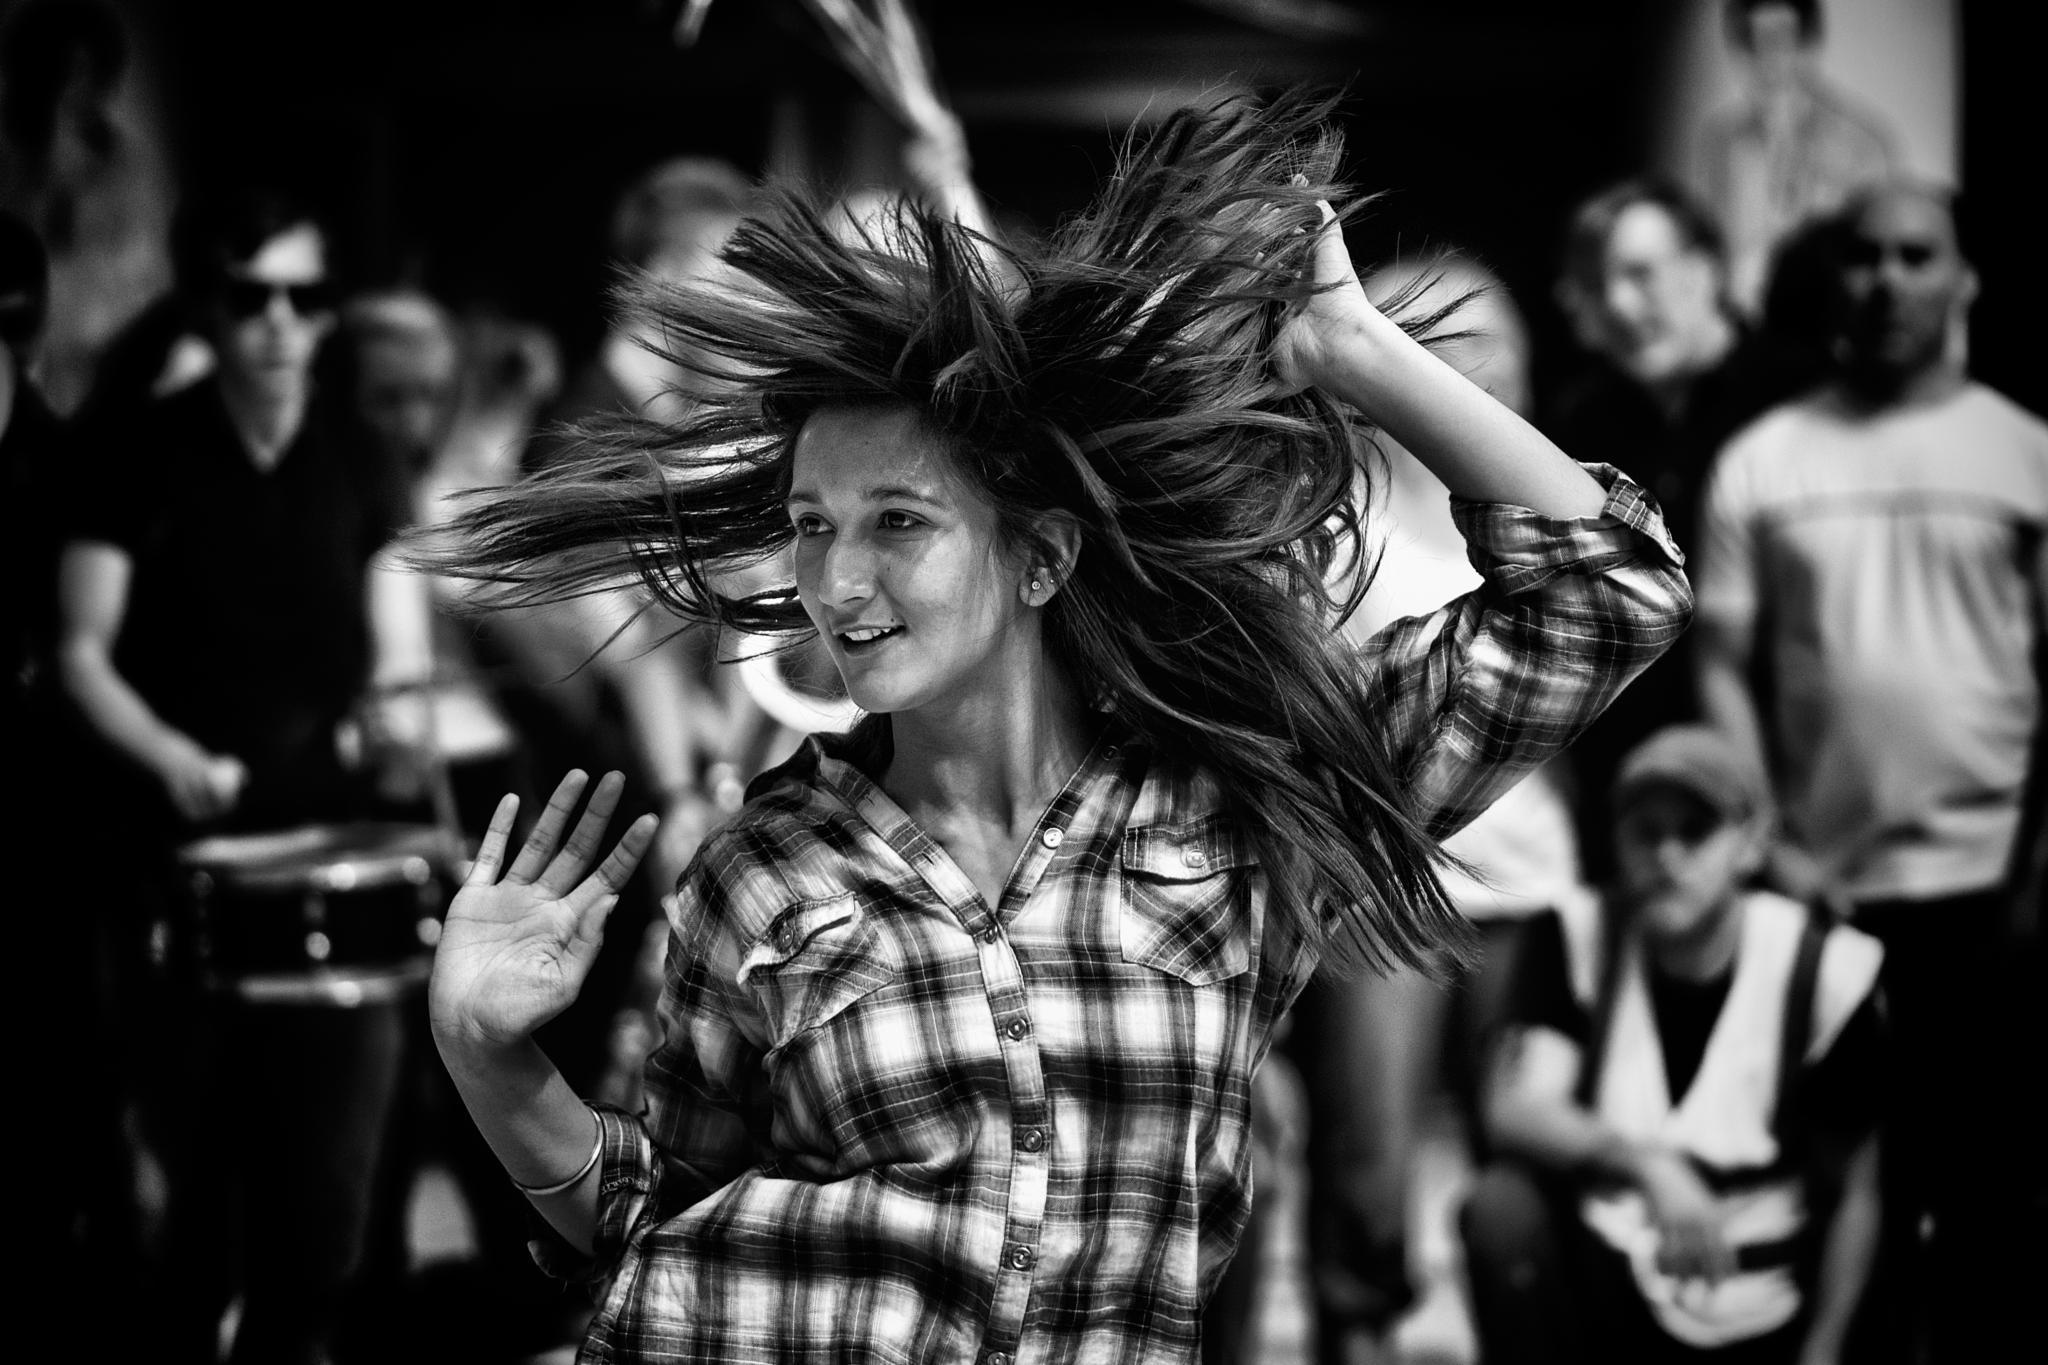 dancing in the street by stevewassell